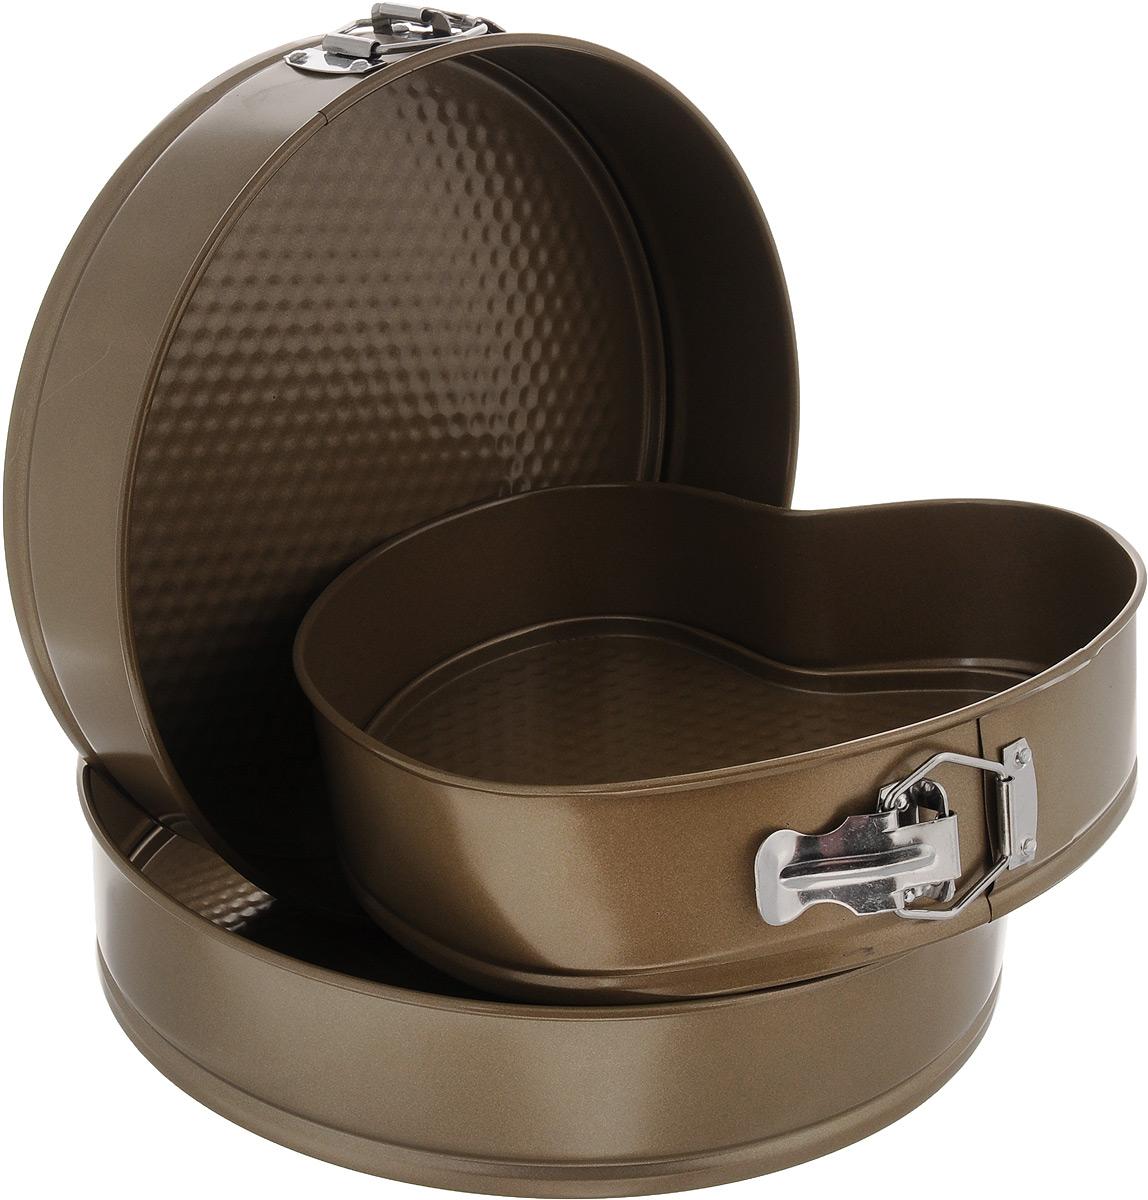 Набор форм для выпечки Mayer & Boch, с антипригарным покрытием, 3 предмета. 24277391602Набор Mayer & Boch состоит из двух круглых форм для выпечки и одной формы в виде сердца, выполненных из высококачественной углеродистой стали. Современное высокотехнологичное антипригарное покрытие предотвращает пригорание выпечки и обеспечивает легкую очистку после использования. Кроме того, формы имеют разъемный механизм и съемное дно, благодаря чему готовое блюдо очень легко вынимать. Изделия складываются друг в друга по принципу матрешки, поэтому они не займут много места на кухне при хранении.Формы легкие и удобные в использовании, легко моются. С ними готовить любимые блюда станет еще проще. Подходят для использования в духовом шкафу и хранения пищи в холодильнике. Не предназначены для СВЧ-печей. Диаметр круглых форм: 26 см, 28 см. Высота стенок: 6,7 см. Размер формы в виде сердца: 23,4 х 23,5 х 6,7 см.